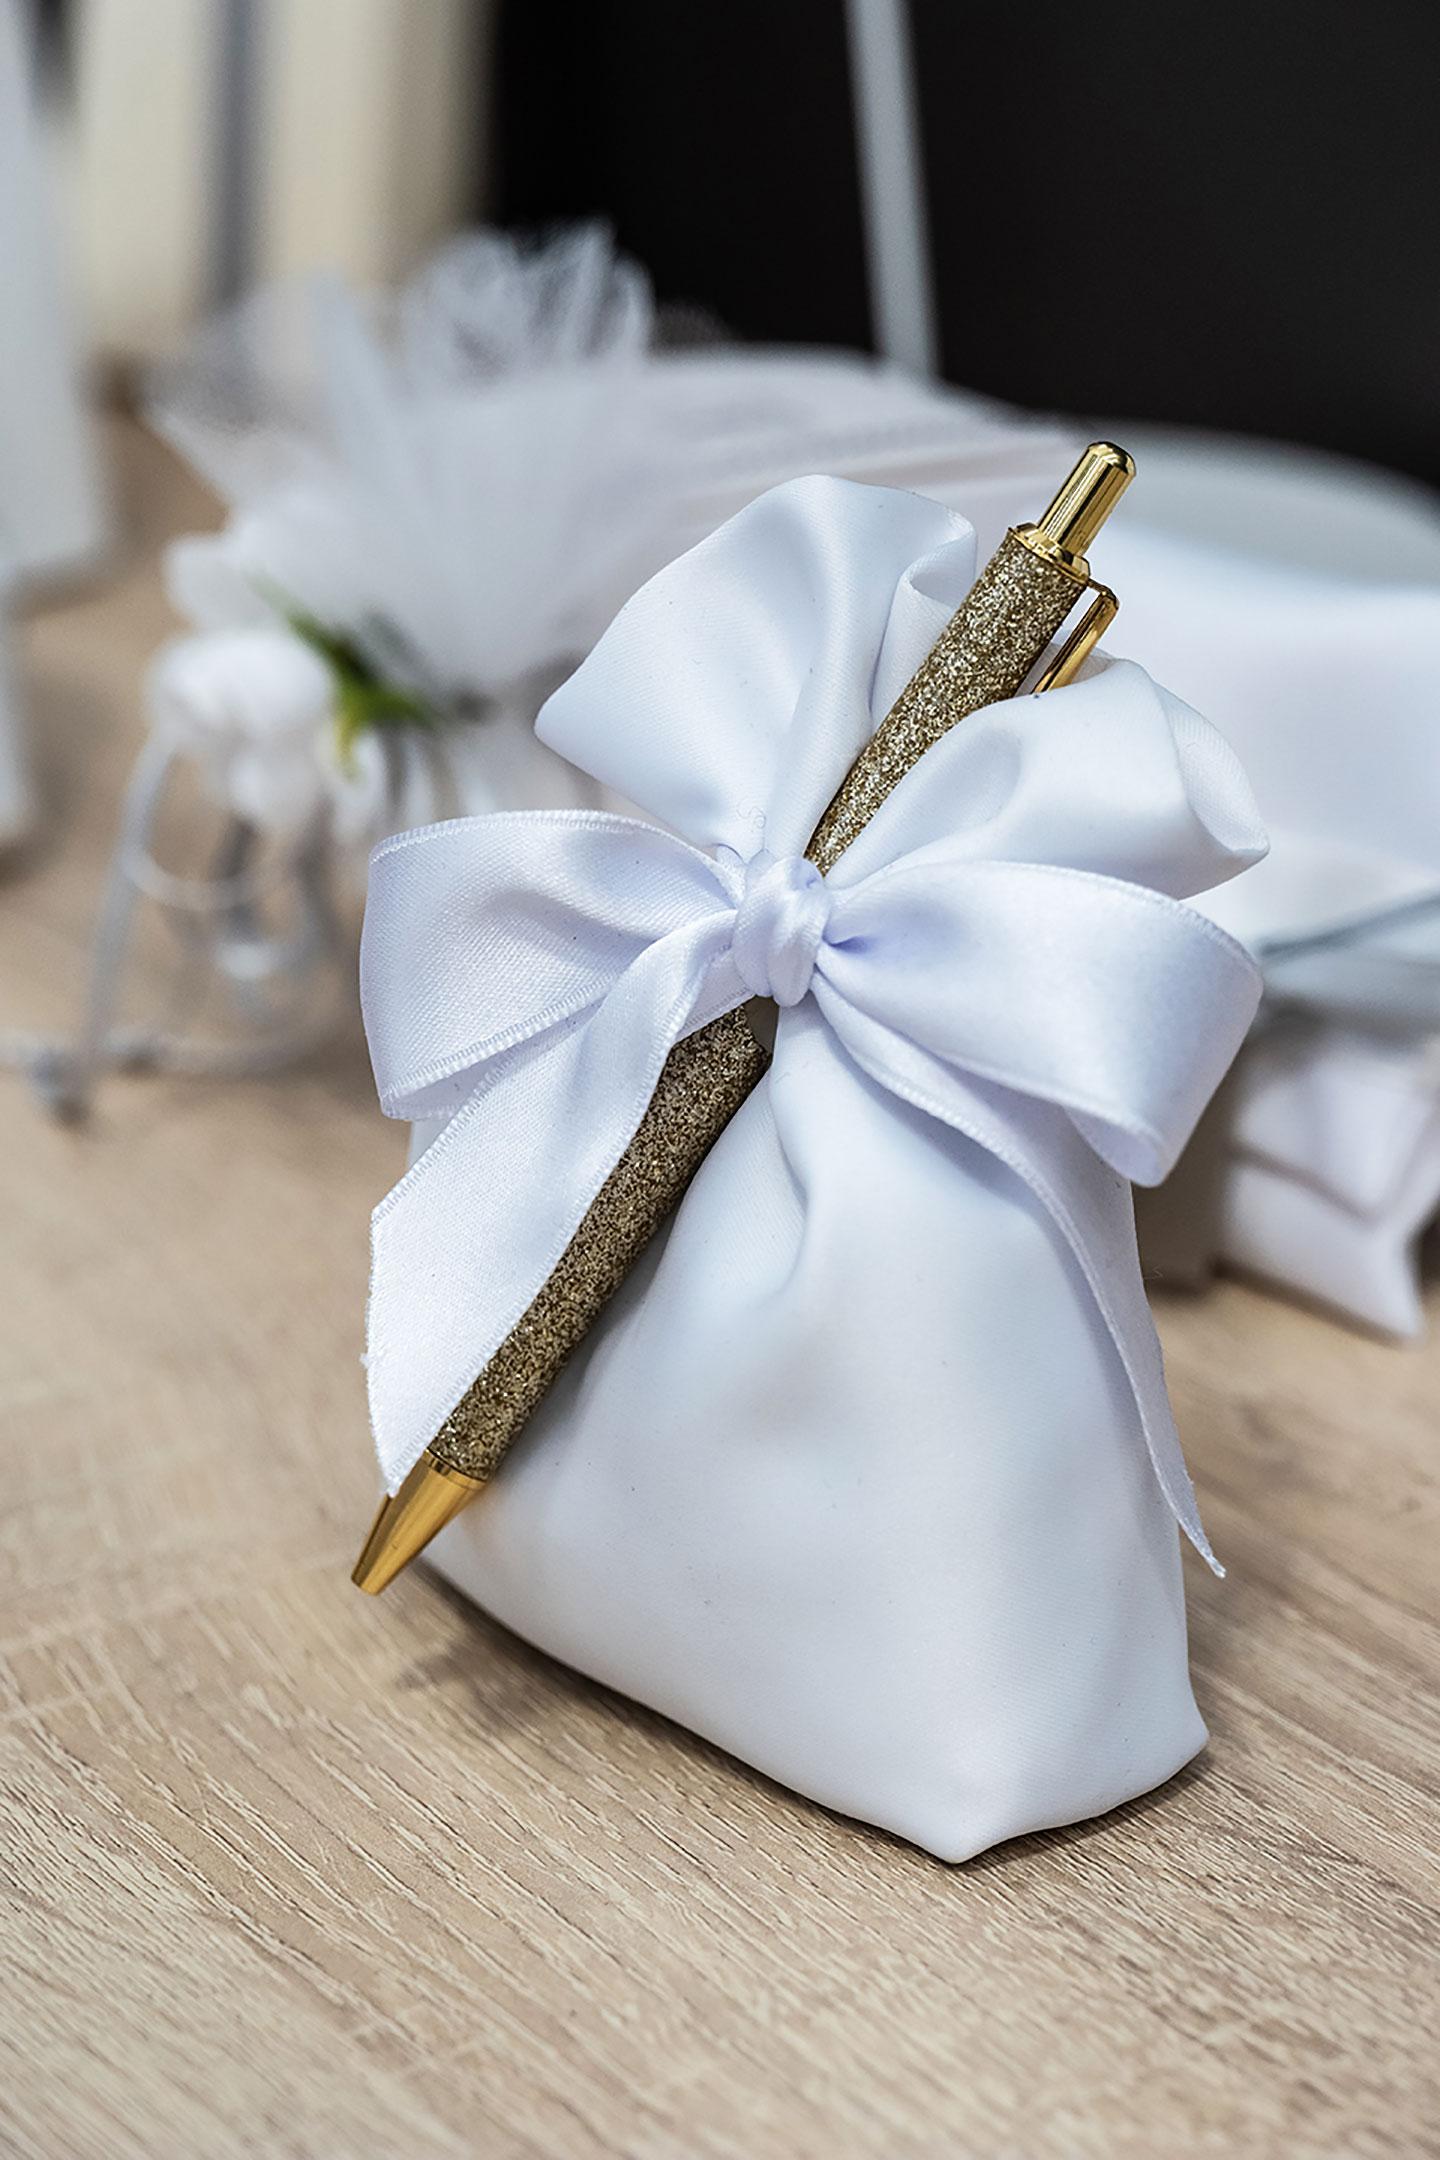 Penna glitter - Bomboniere-per-matrimonio-2021_-allestimenti-raffinati-e-confettate-golose-per-un-matrimonio-elegante-e-indimenticabile13